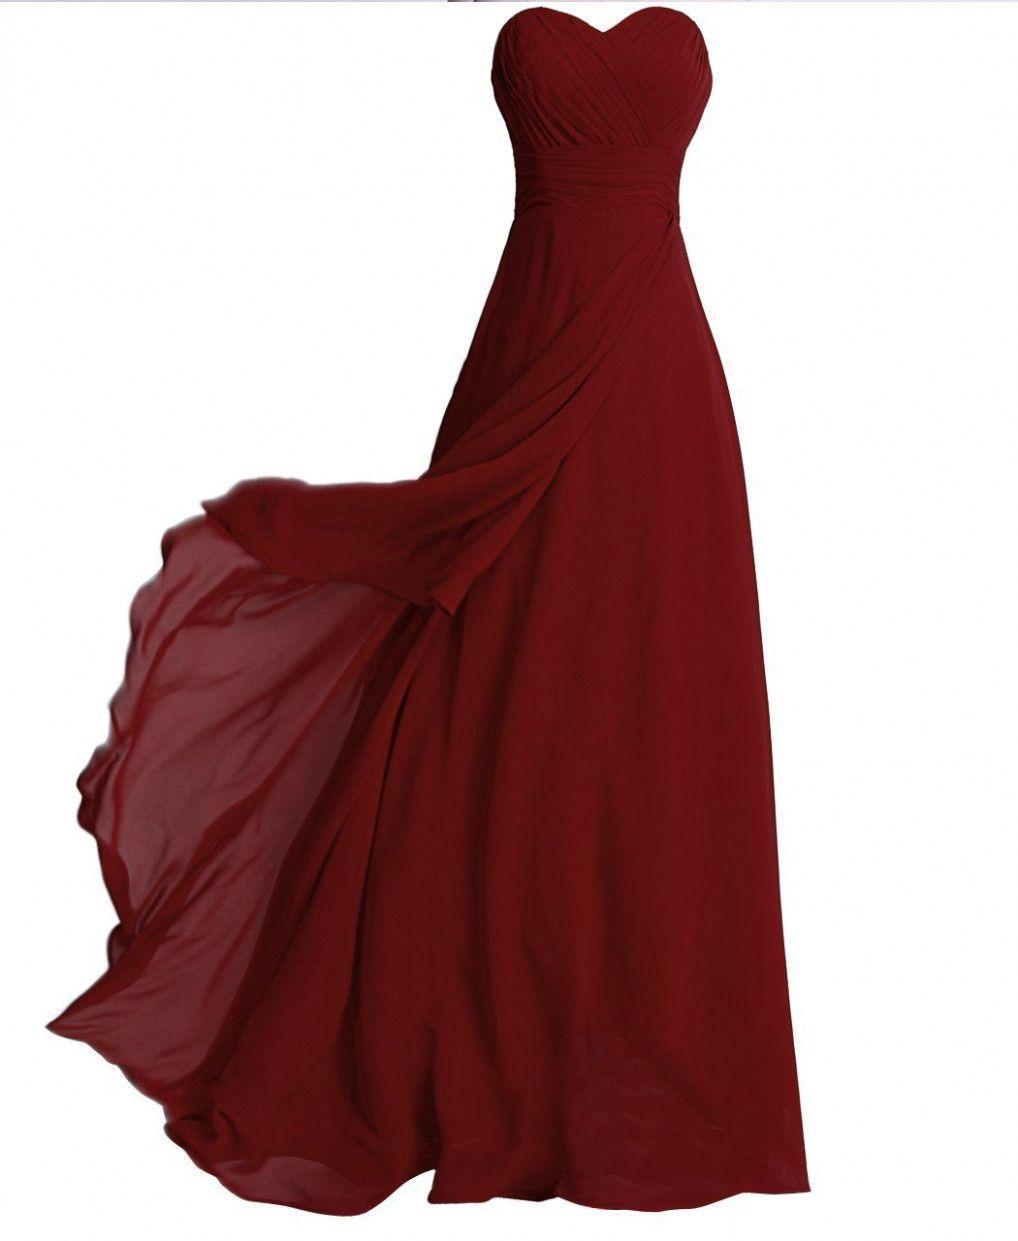 20 Abendkleider In Form in 20  Abendkleid, Schöne kleider, Kleider